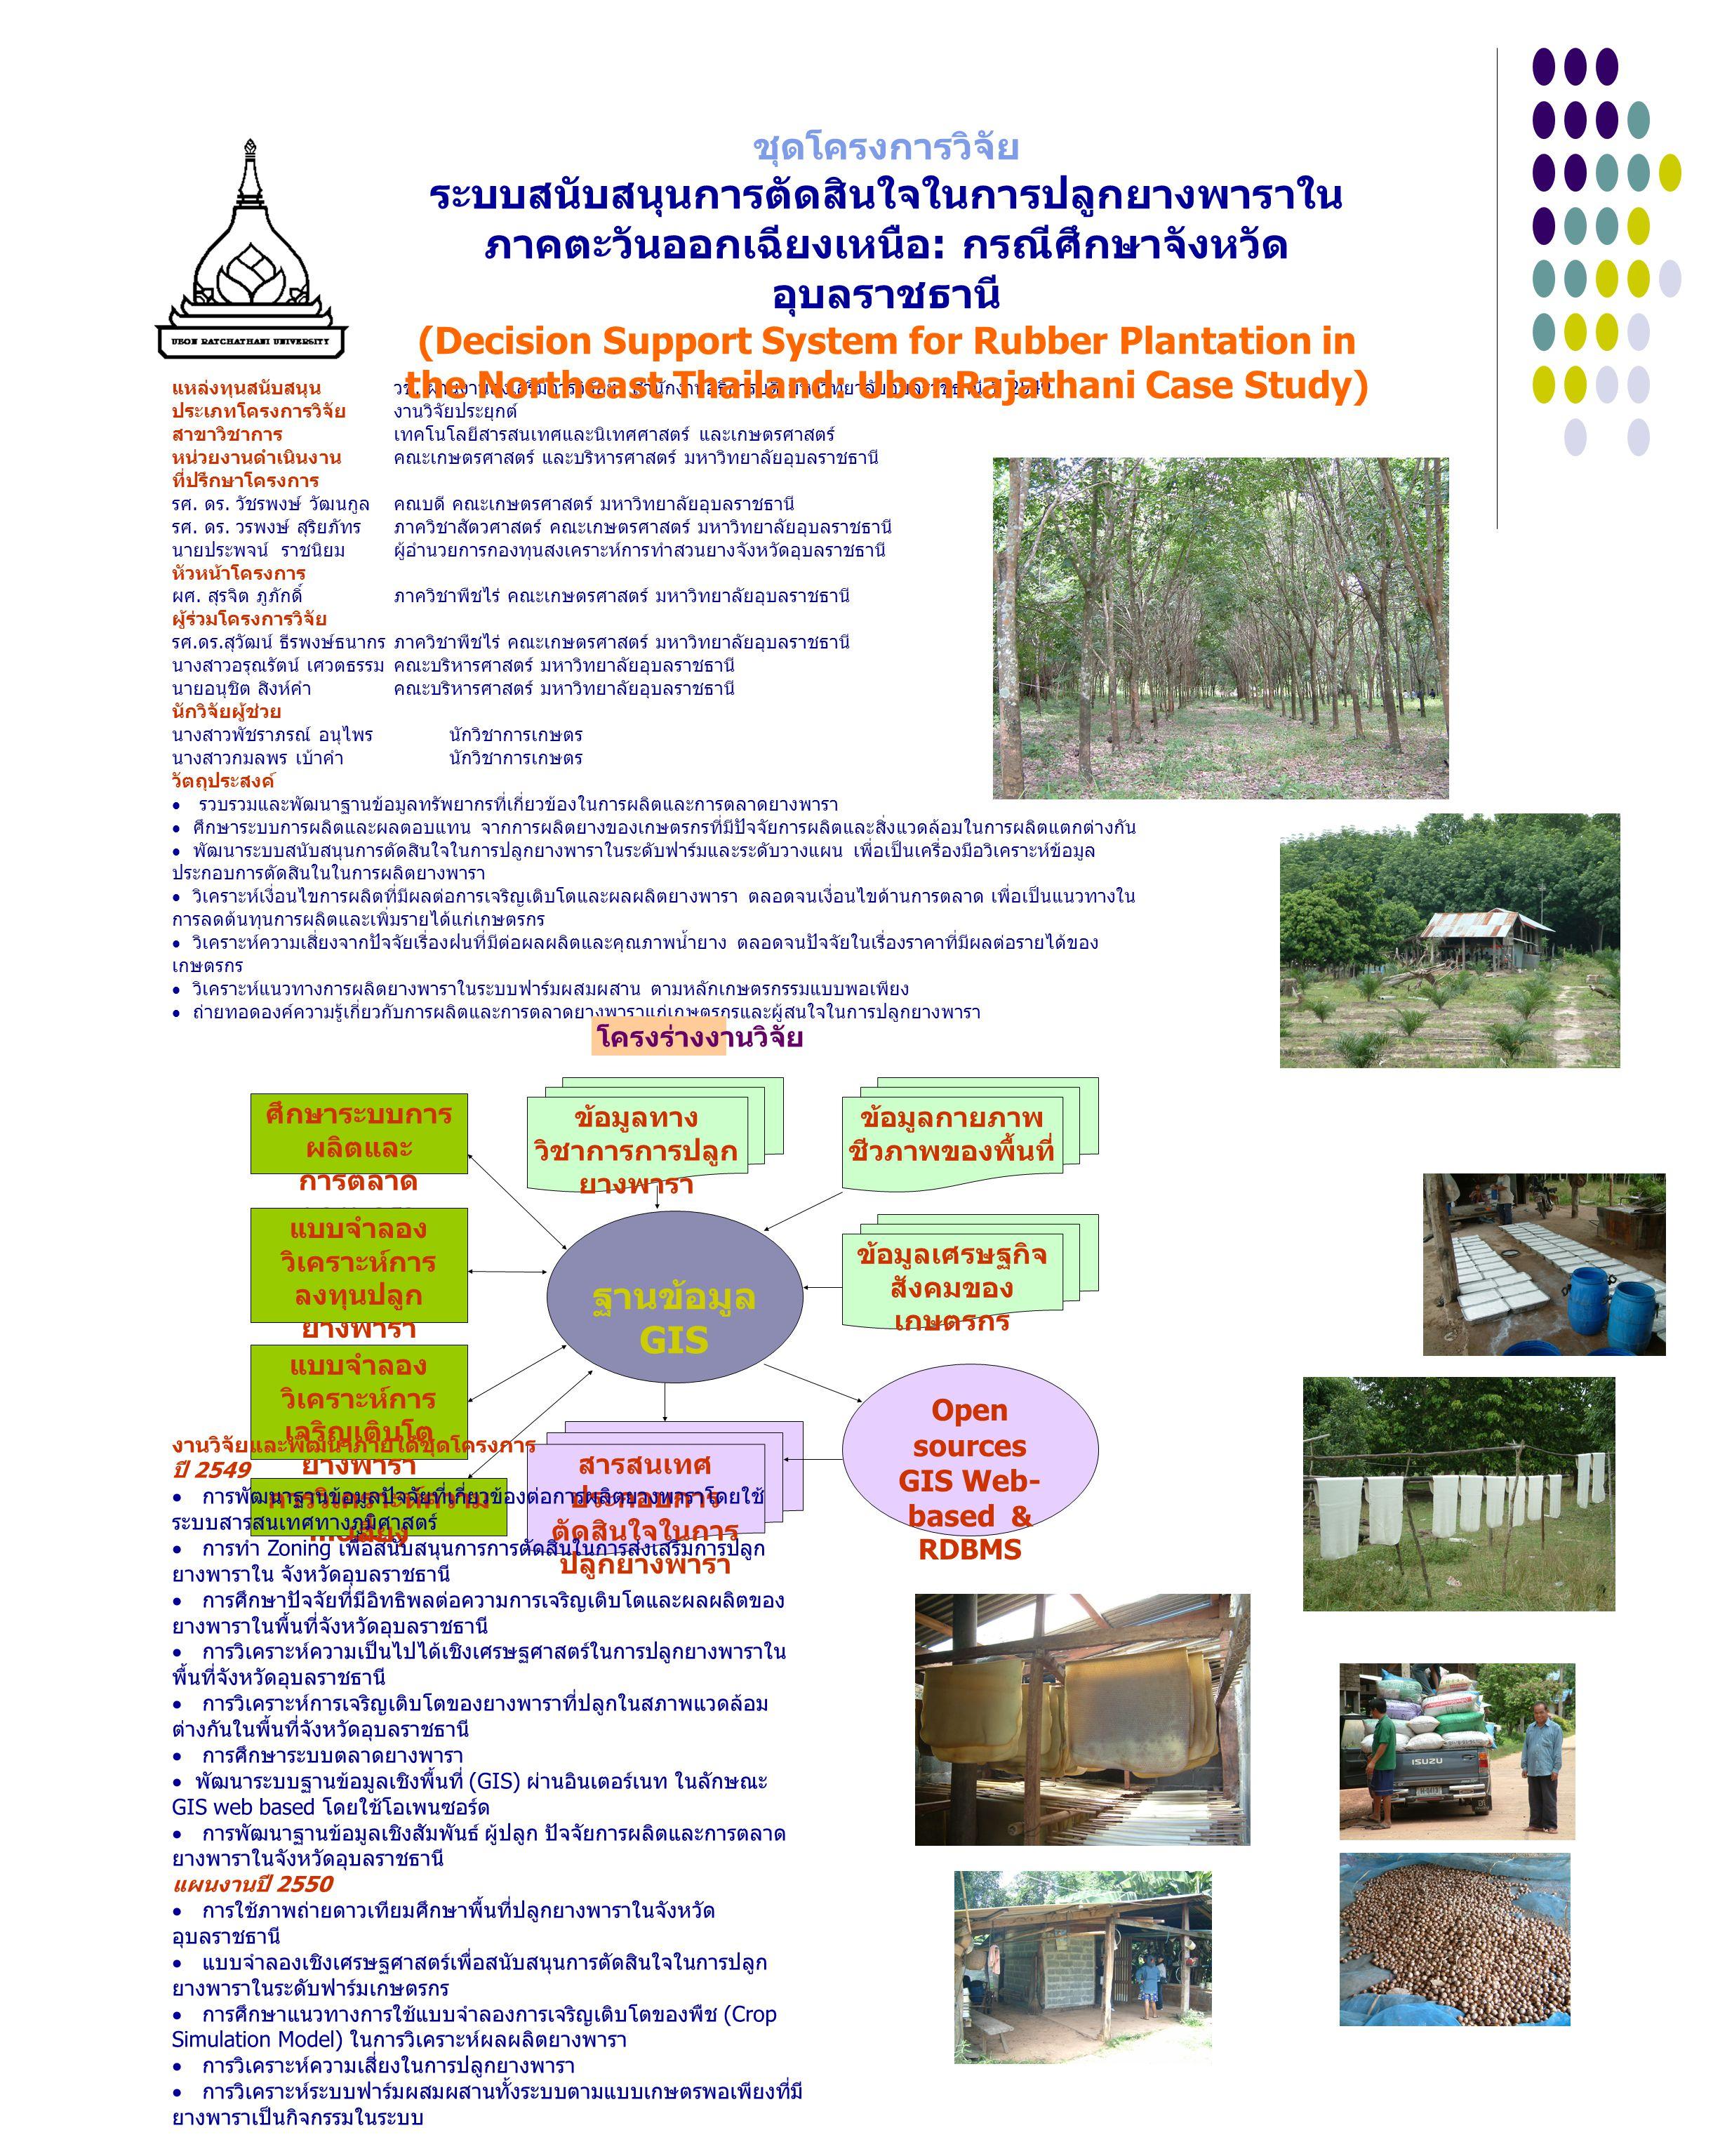 ชุดโครงการวิจัย ระบบสนับสนุนการตัดสินใจในการปลูกยางพาราในภาคตะวันออกเฉียงเหนือ: กรณีศึกษาจังหวัดอุบลราชธานี